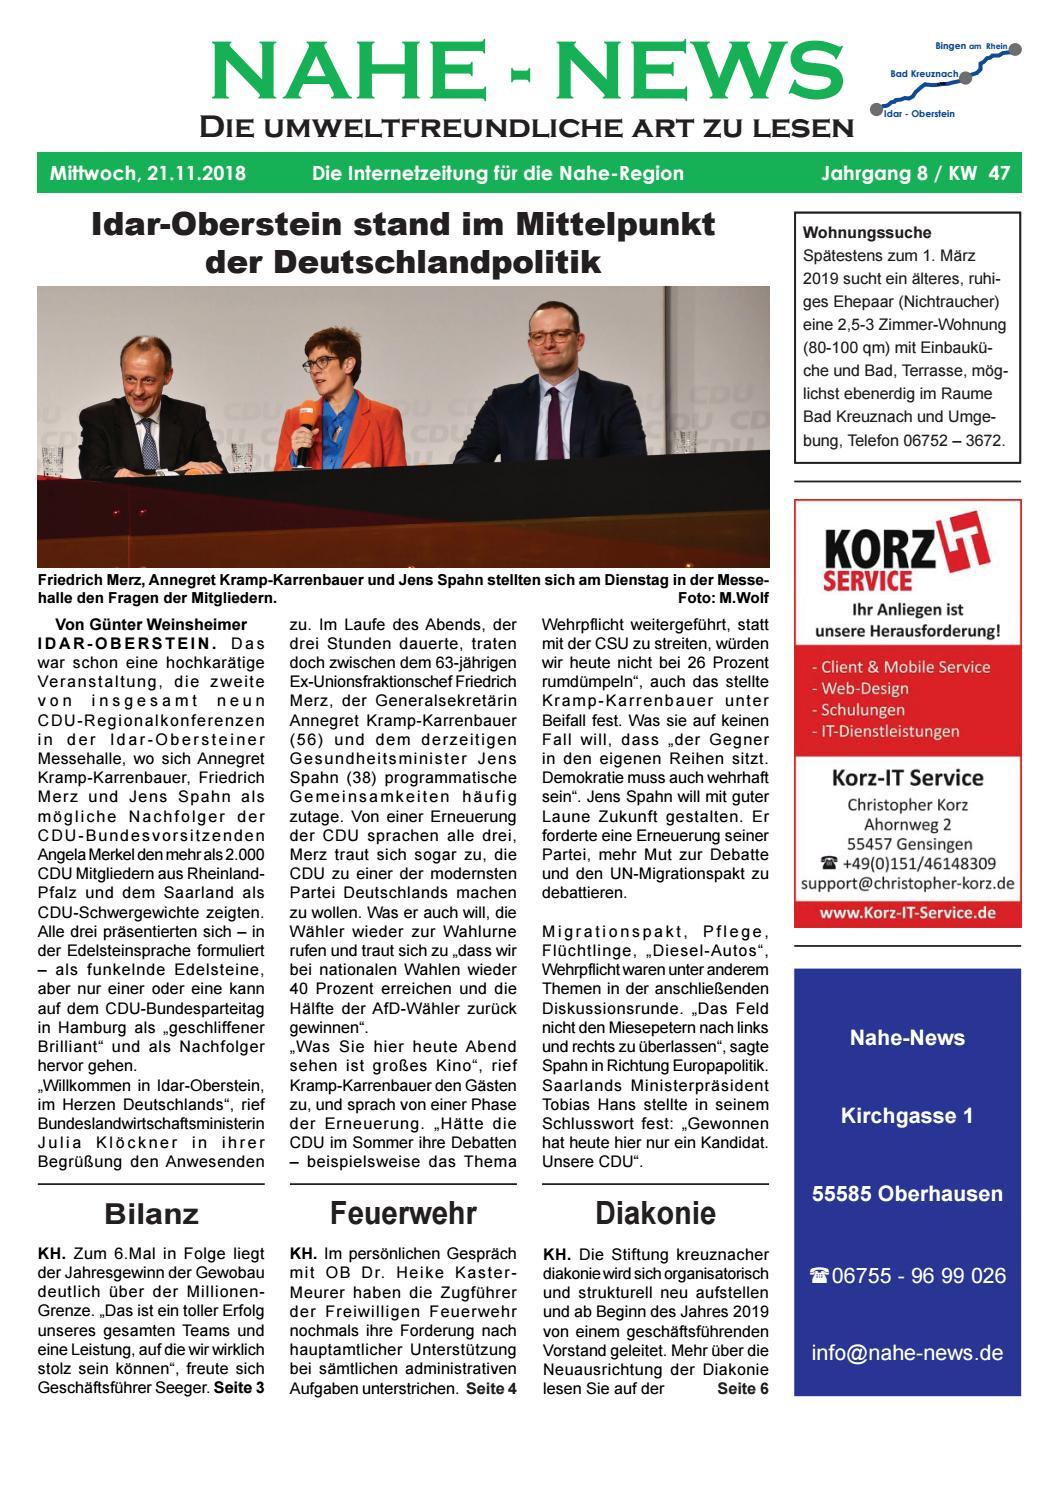 Internetzeitung